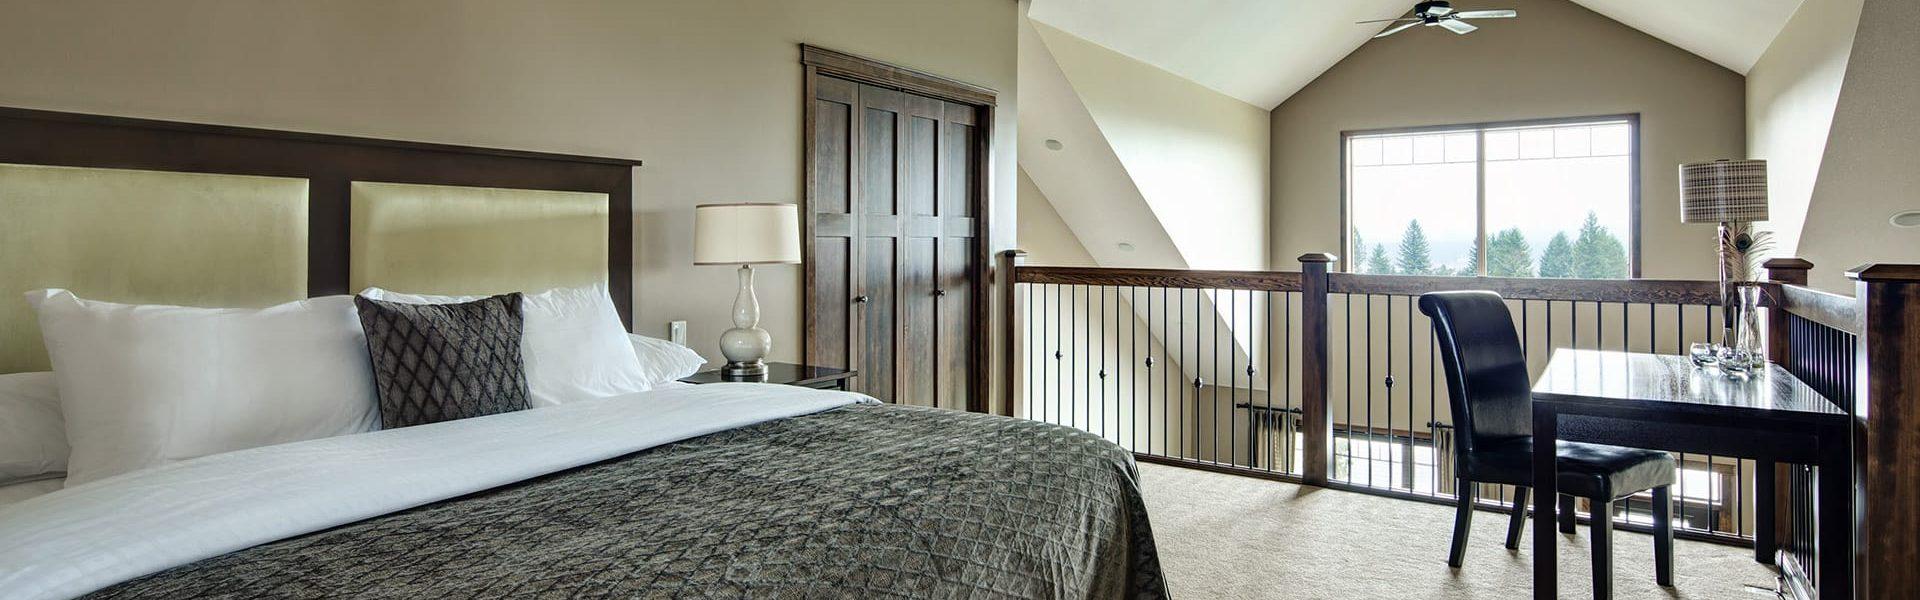 accommodations-box-img